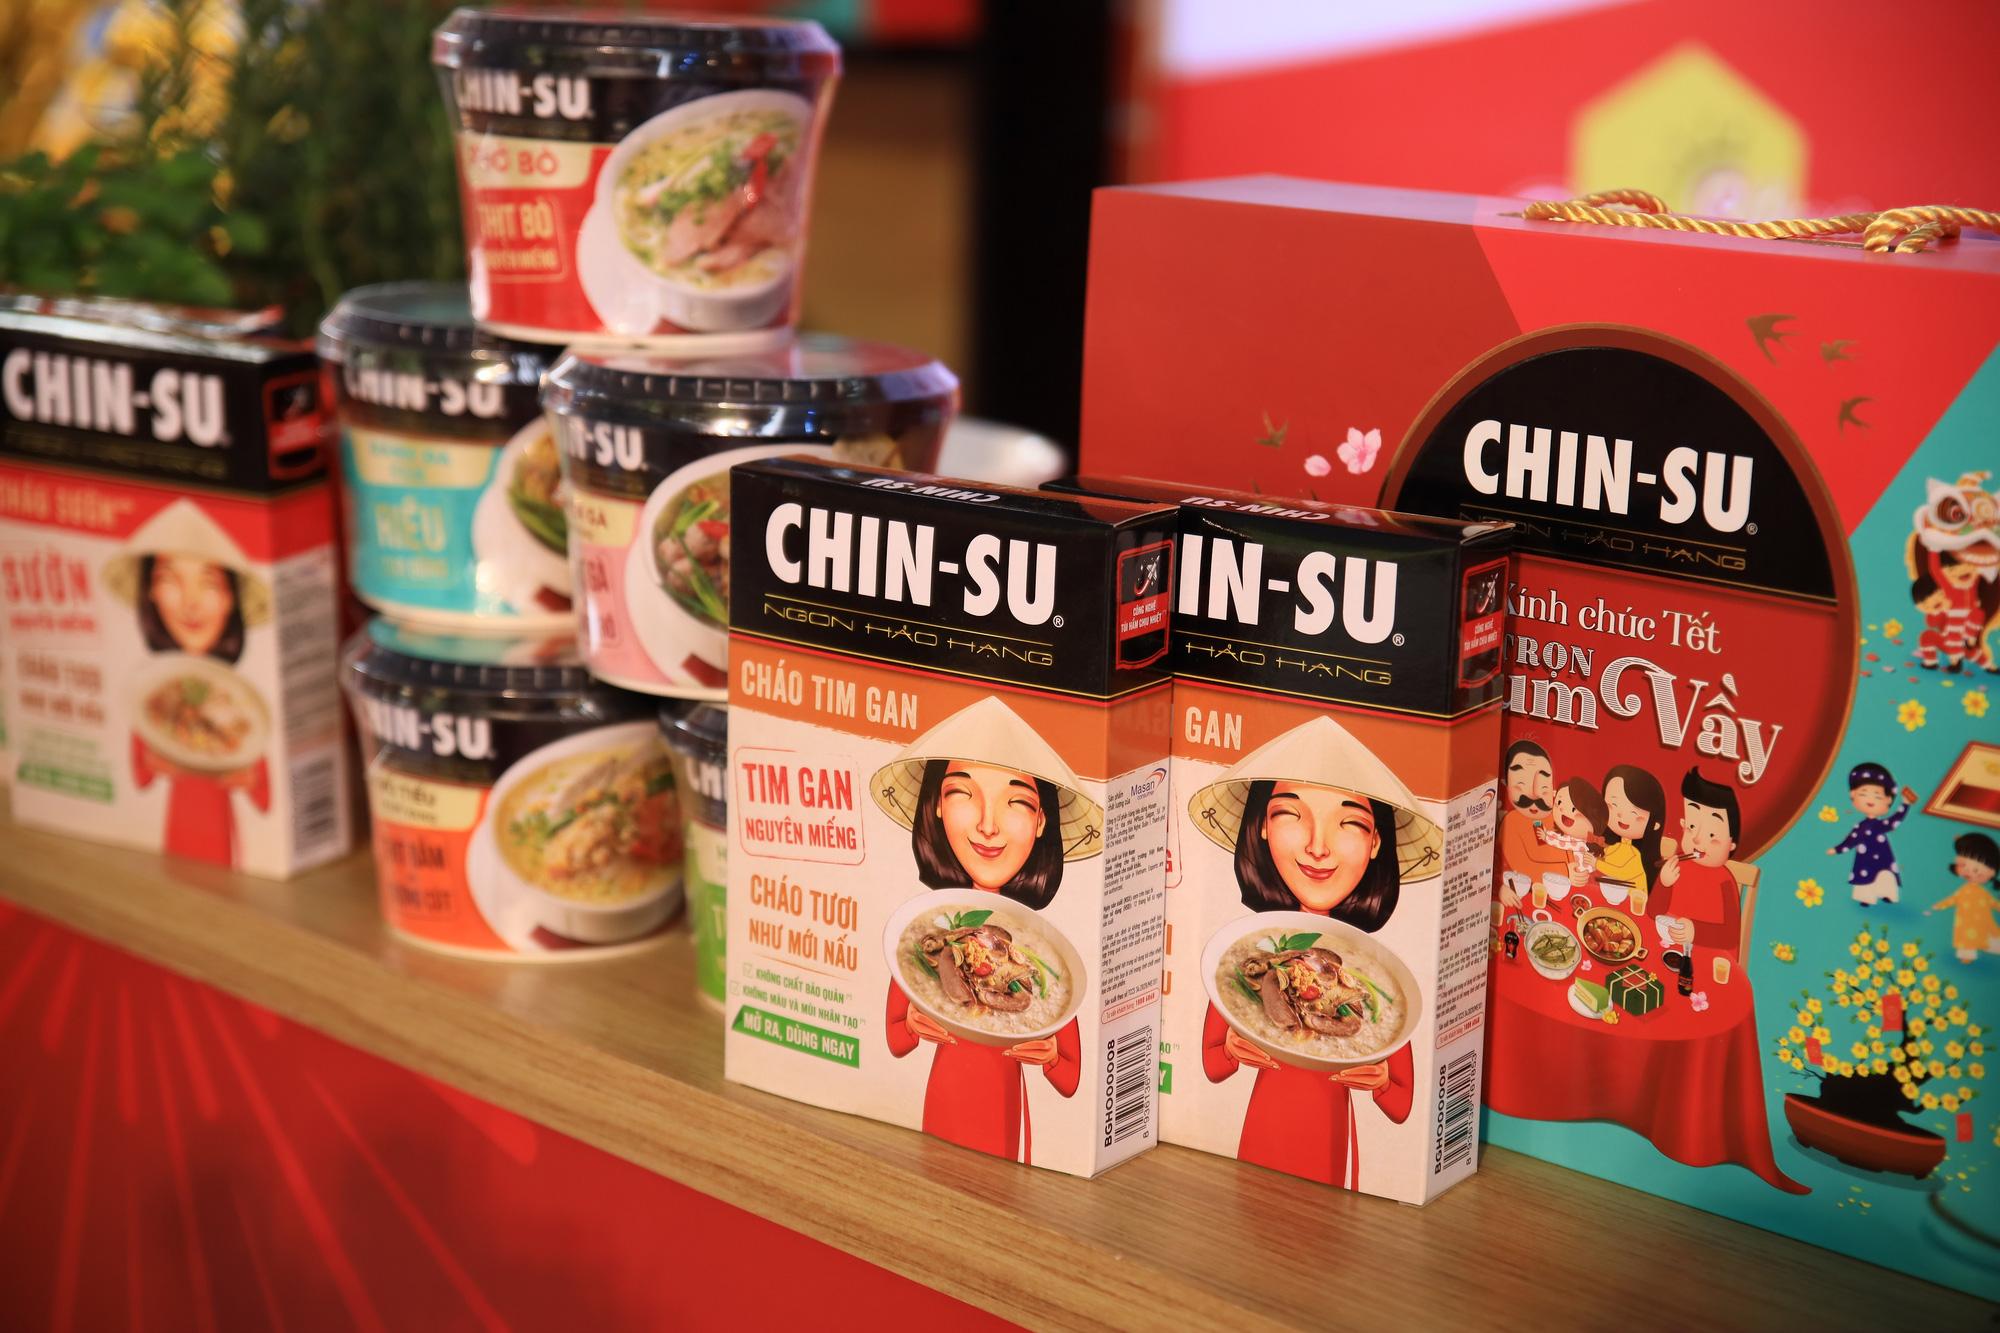 Masan và mục tiêu trở thành nhà bán lẻ hàng đầu Việt Nam, hướng về thị trường nông thôn, phục vụ 30-50 triệu người - Ảnh 5.